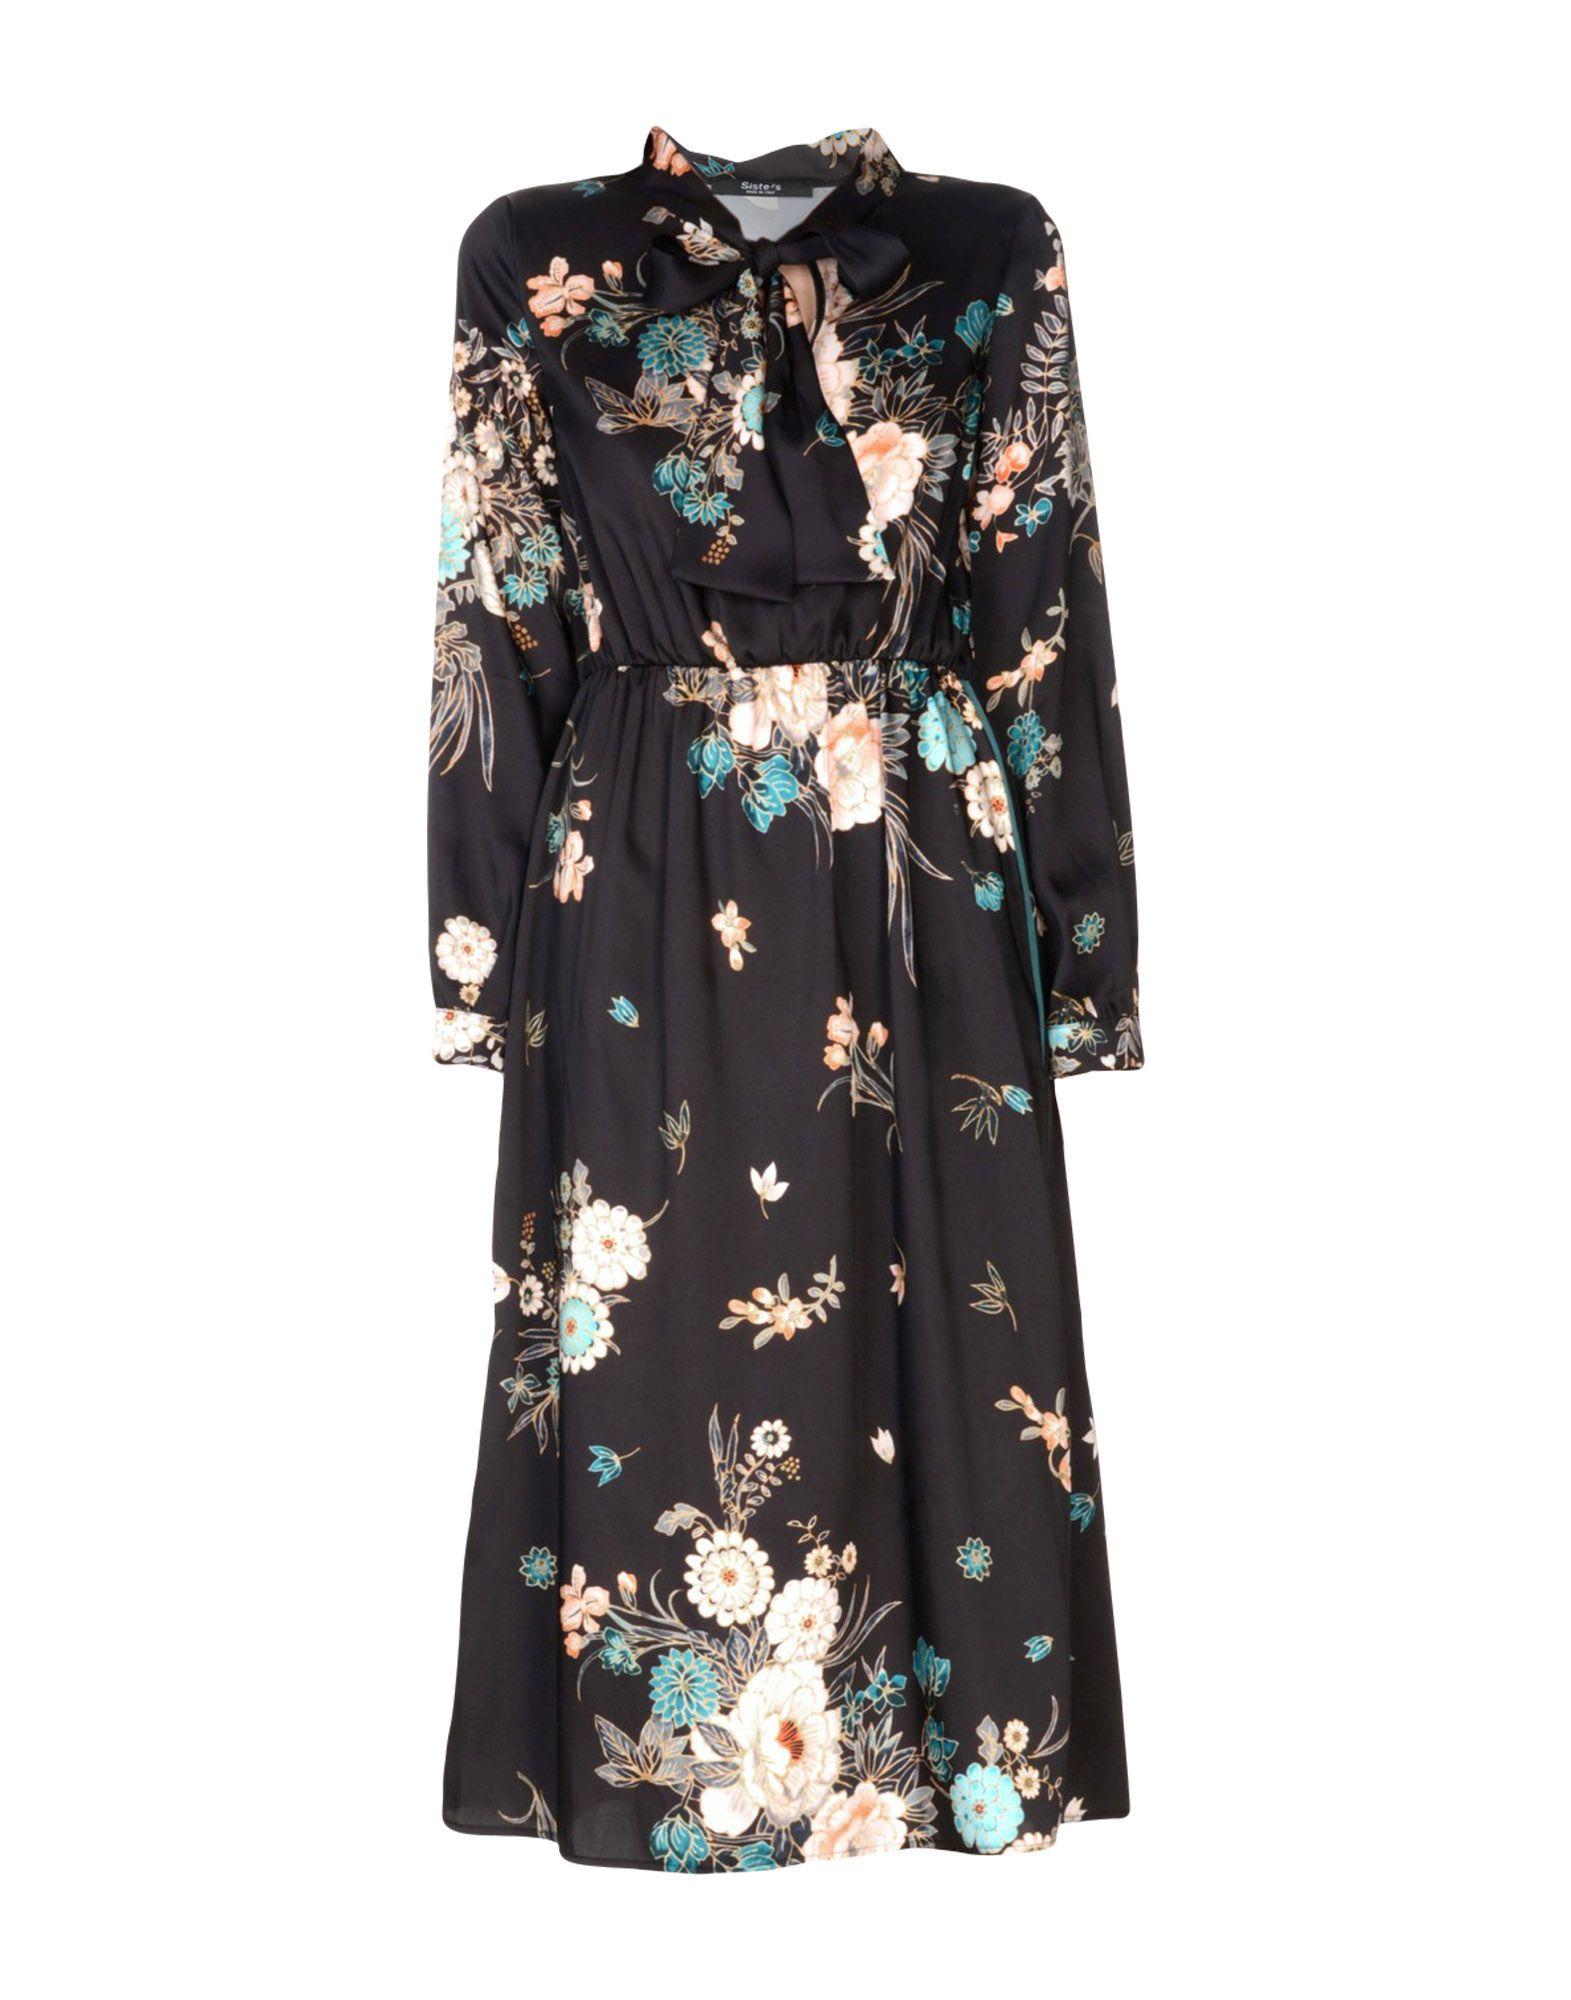 SISTE' S Платье длиной 3/4 стоимость